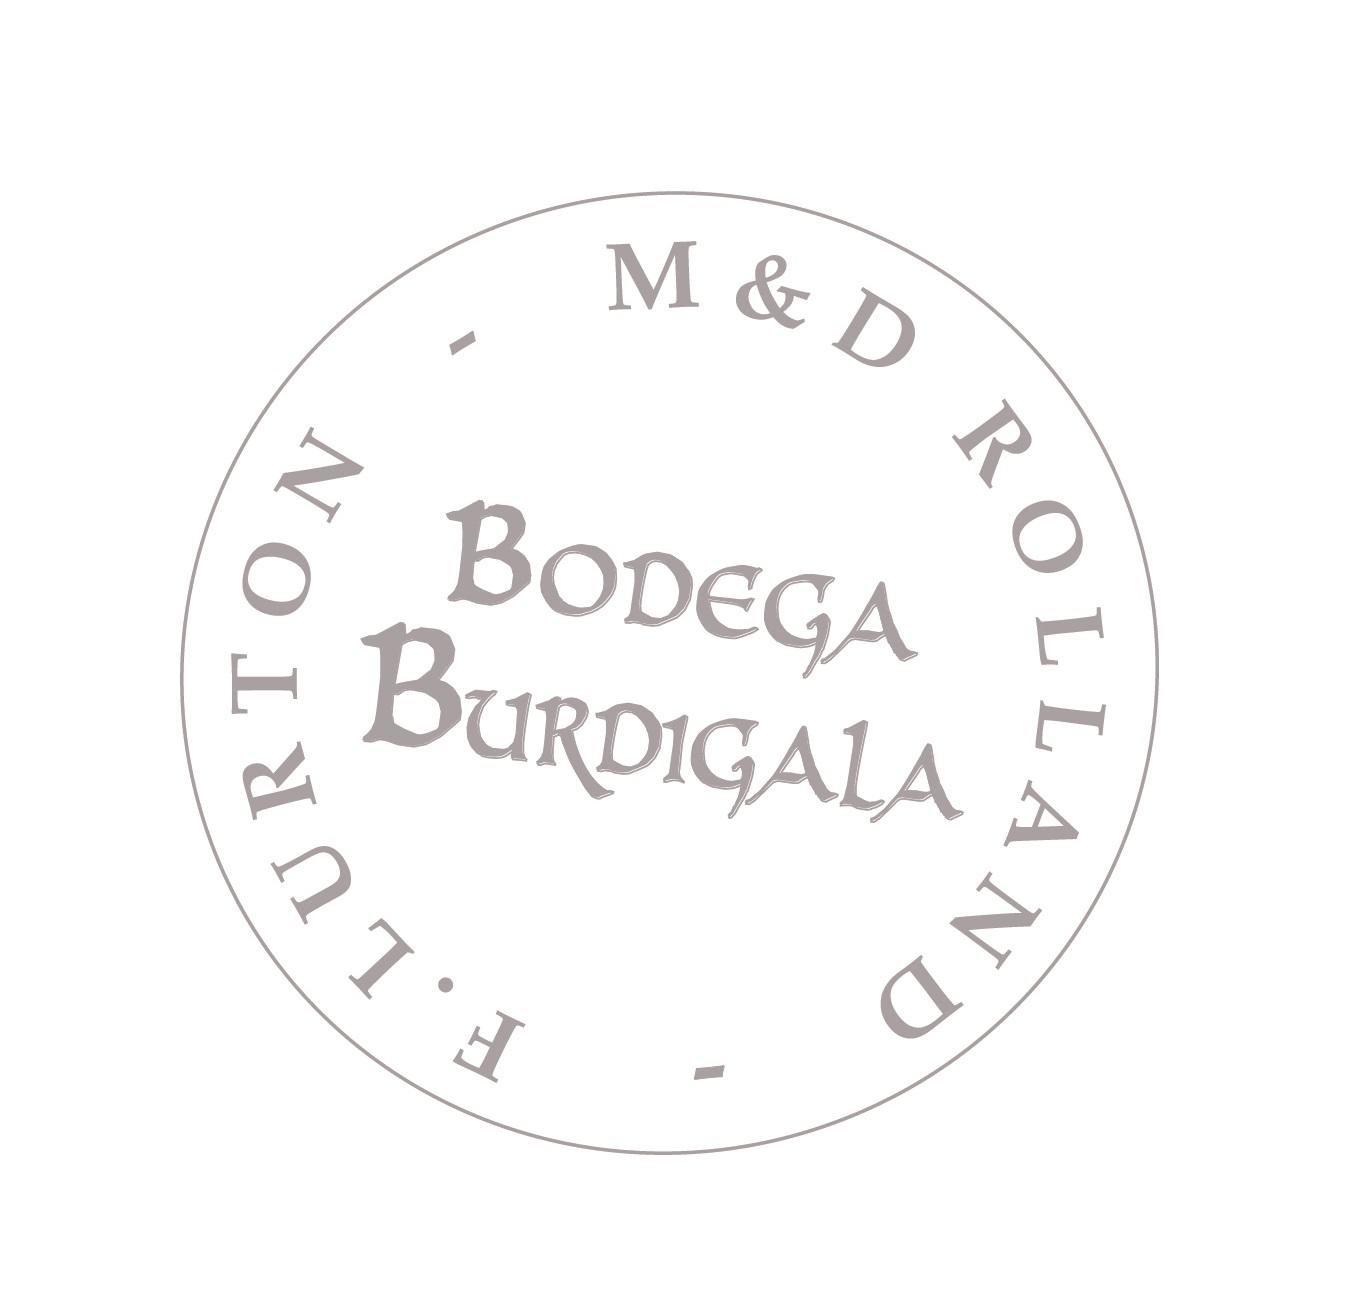 Bodega Burdigala